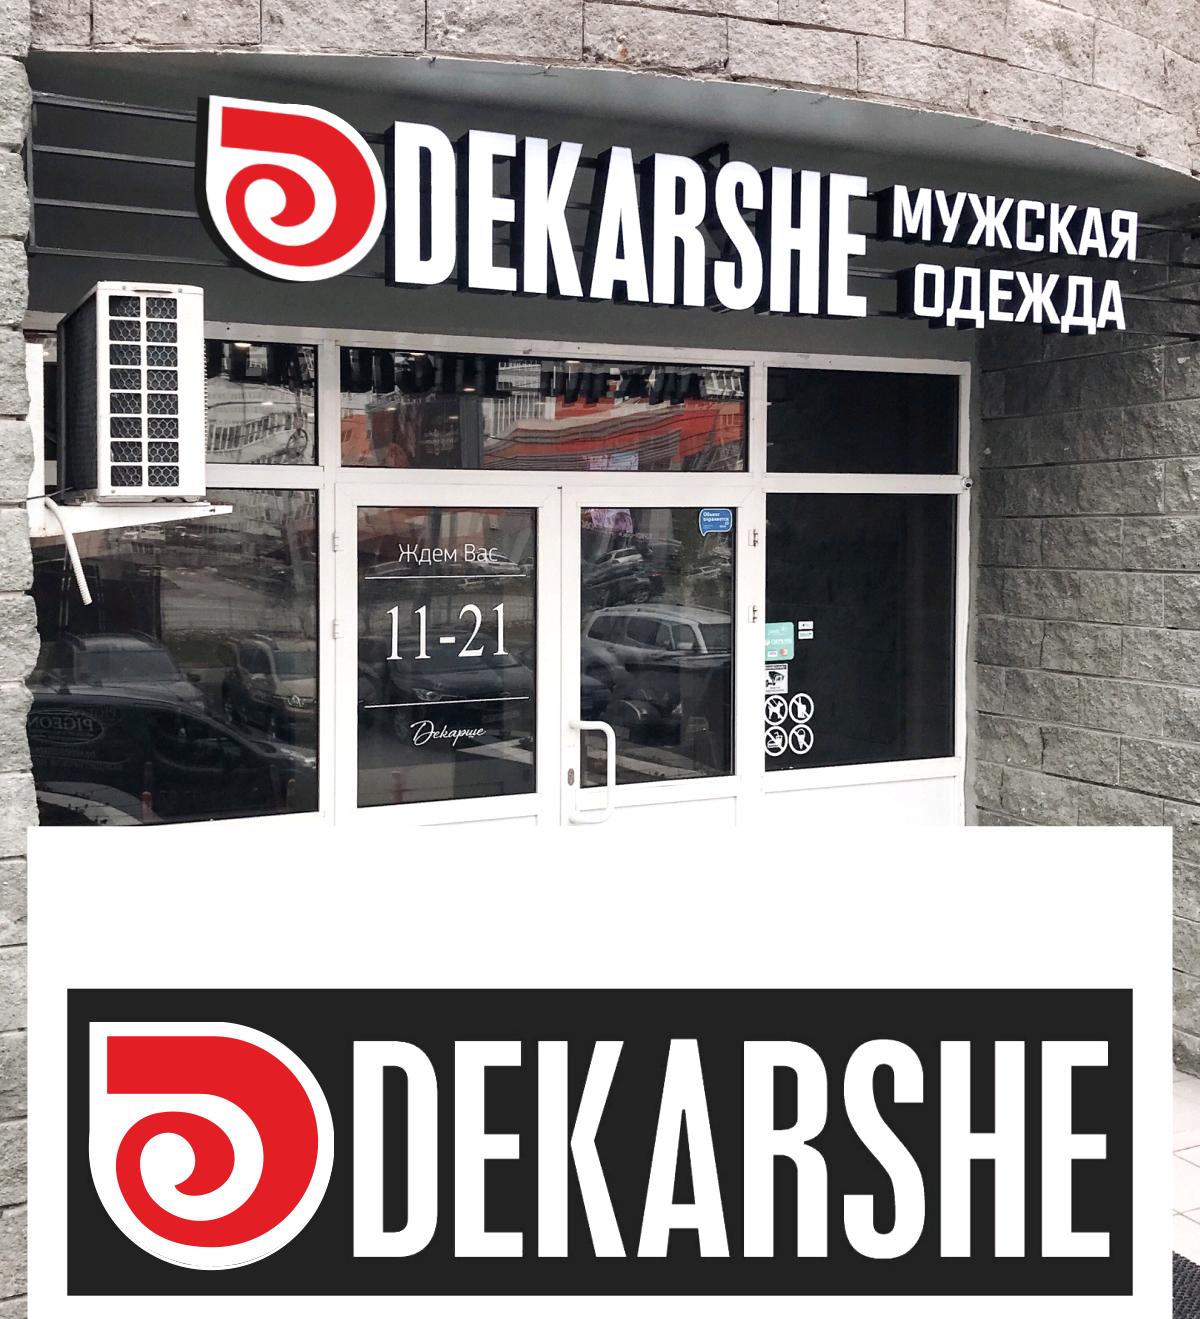 Разработать дизайн ИКОНКИ для логотипа для сети магазинов мужской одежды. фото f_9025e1ec479dae3b.png